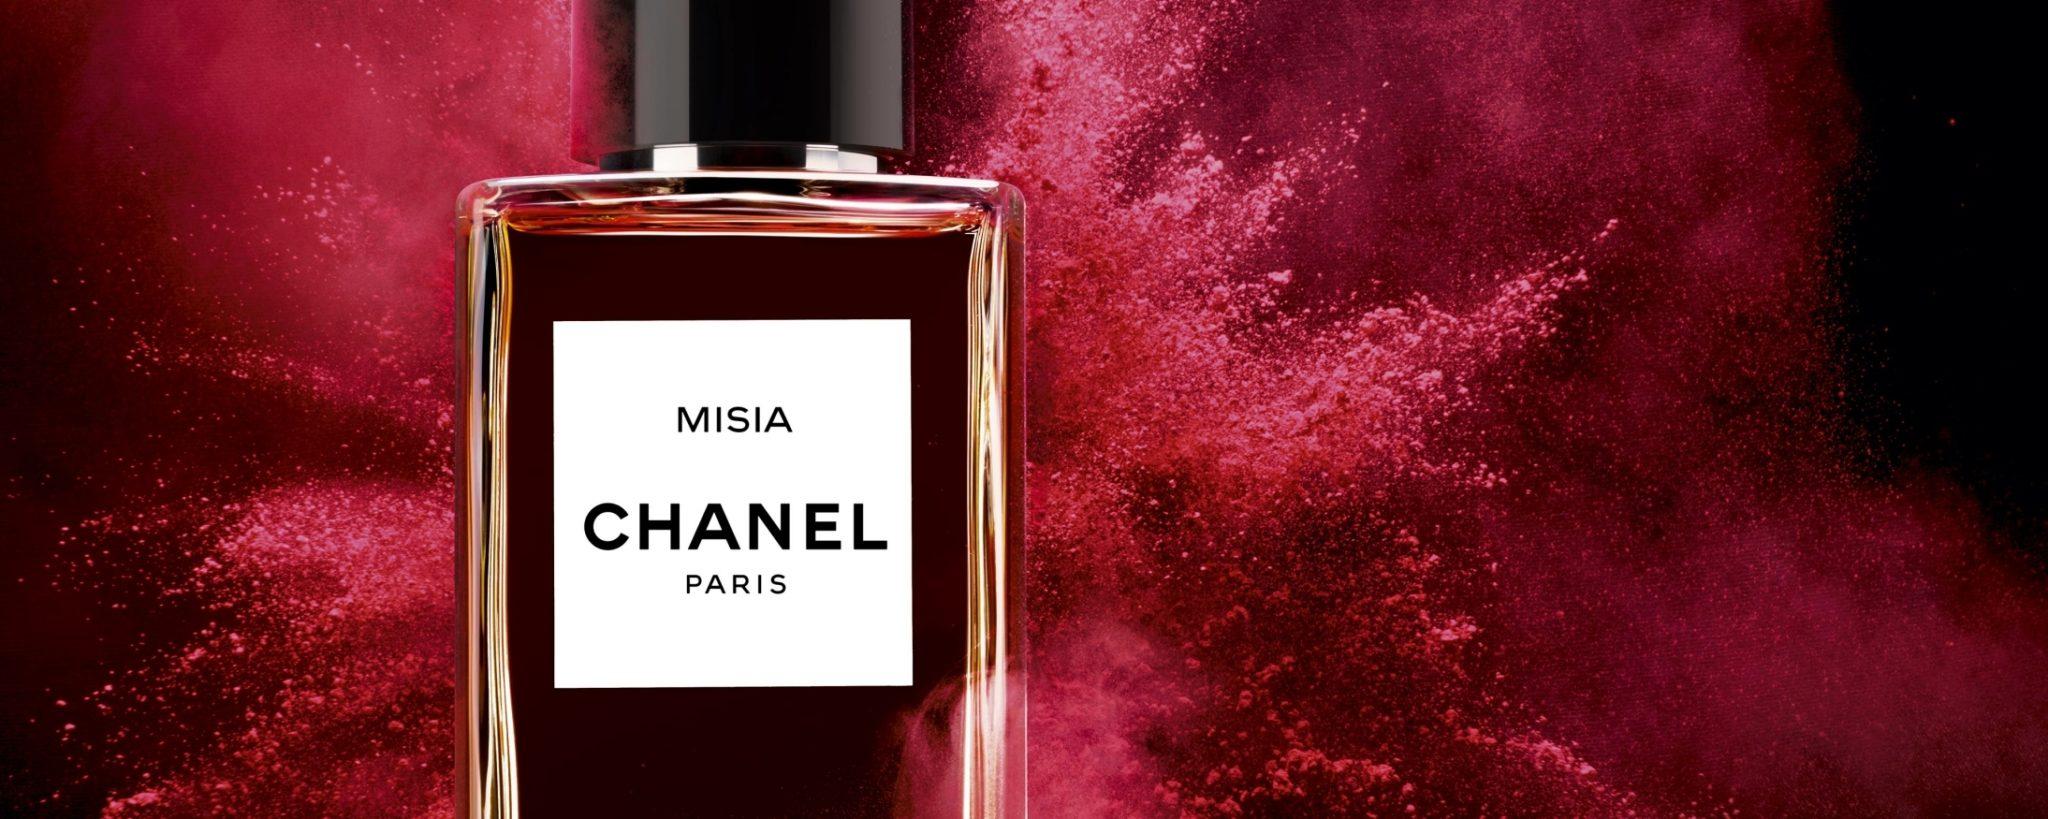 Chanel Les Exclusifs Misia eau de parfum Esprit de Gabrielle espritdegabrielle.com